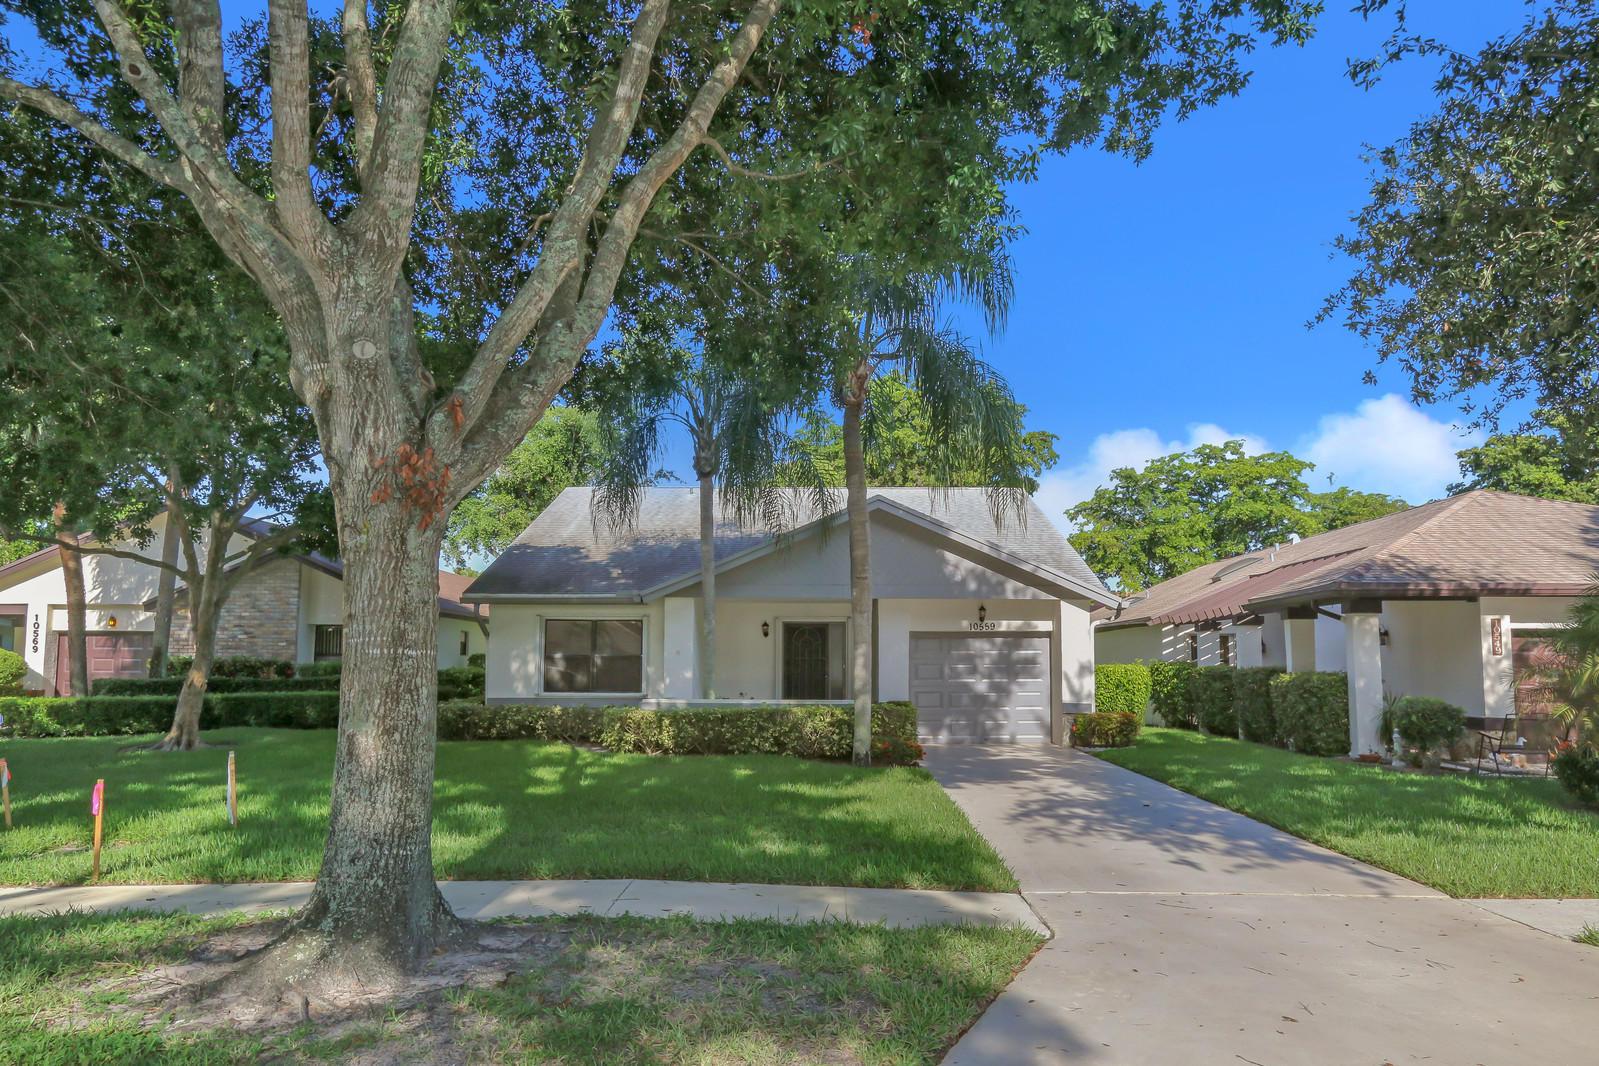 10559 Fern Tree Way Boynton Beach, FL 33436